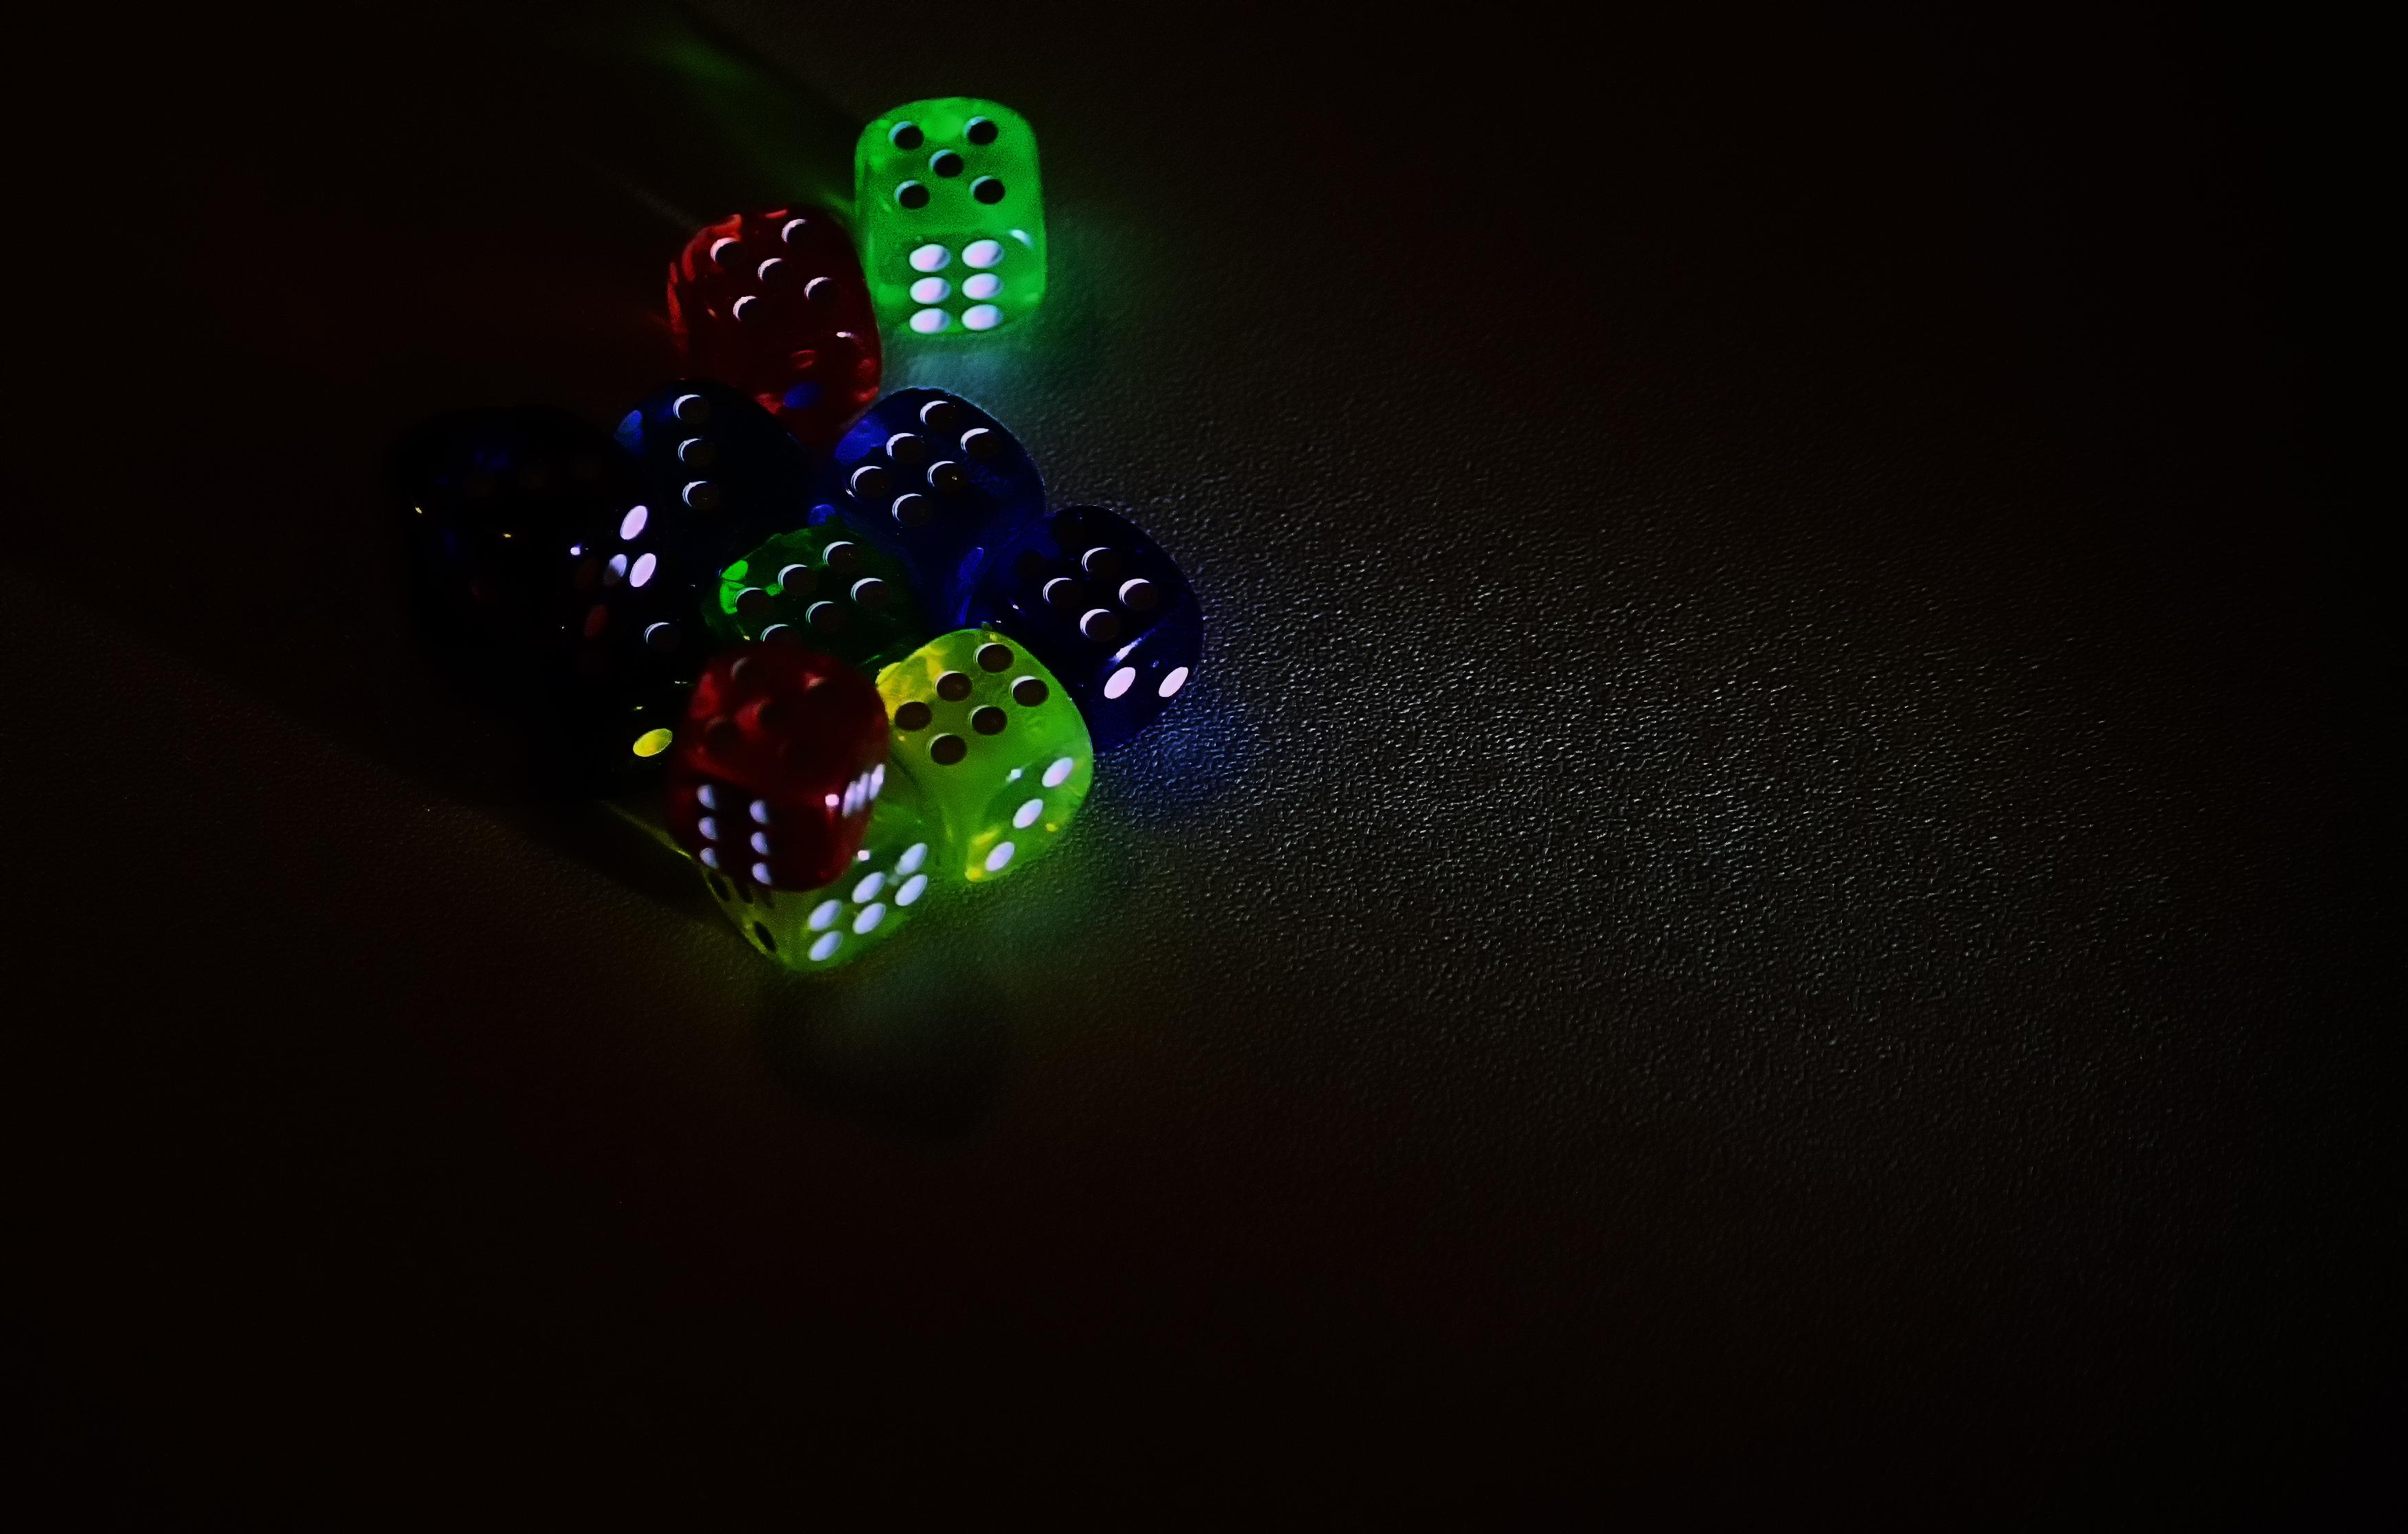 無料画像 光 夜 ダーク 緑 屋内 闇 点灯 クリスマスの飾り サイコロ ダイス スクリーンショット マクロ撮影 クリスマスのあかり コンピュータの壁紙 3504x2232 無料写真 Pxhere